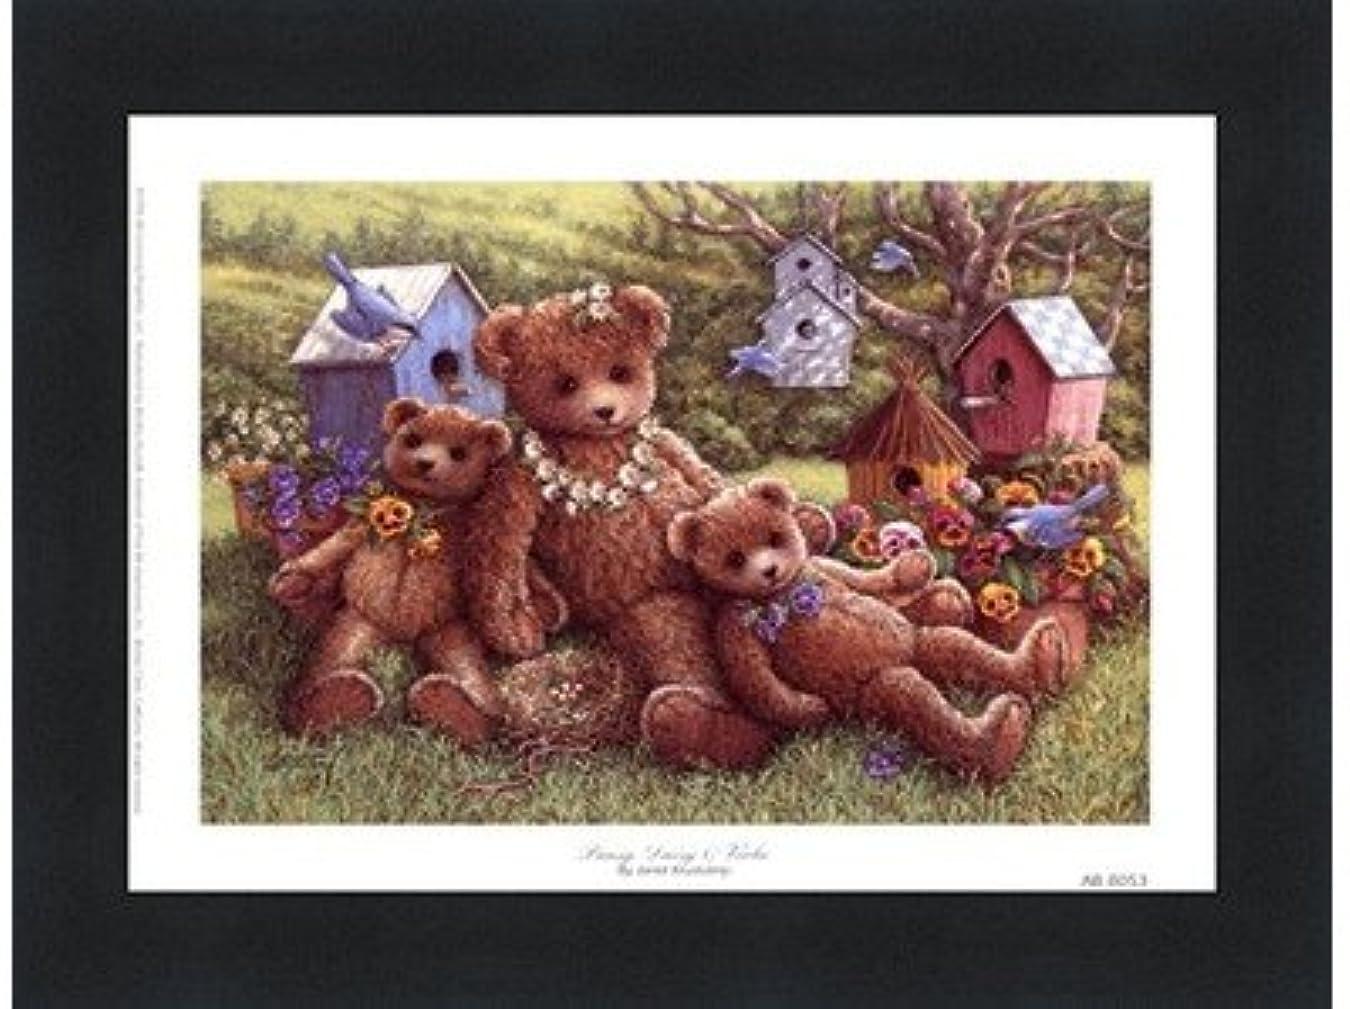 ブロック指エスカレートパンジー、デイジーとViola by Janet Kruskamp – 8 x 6インチ – アートプリントポスター LE_71350-F101-8x6